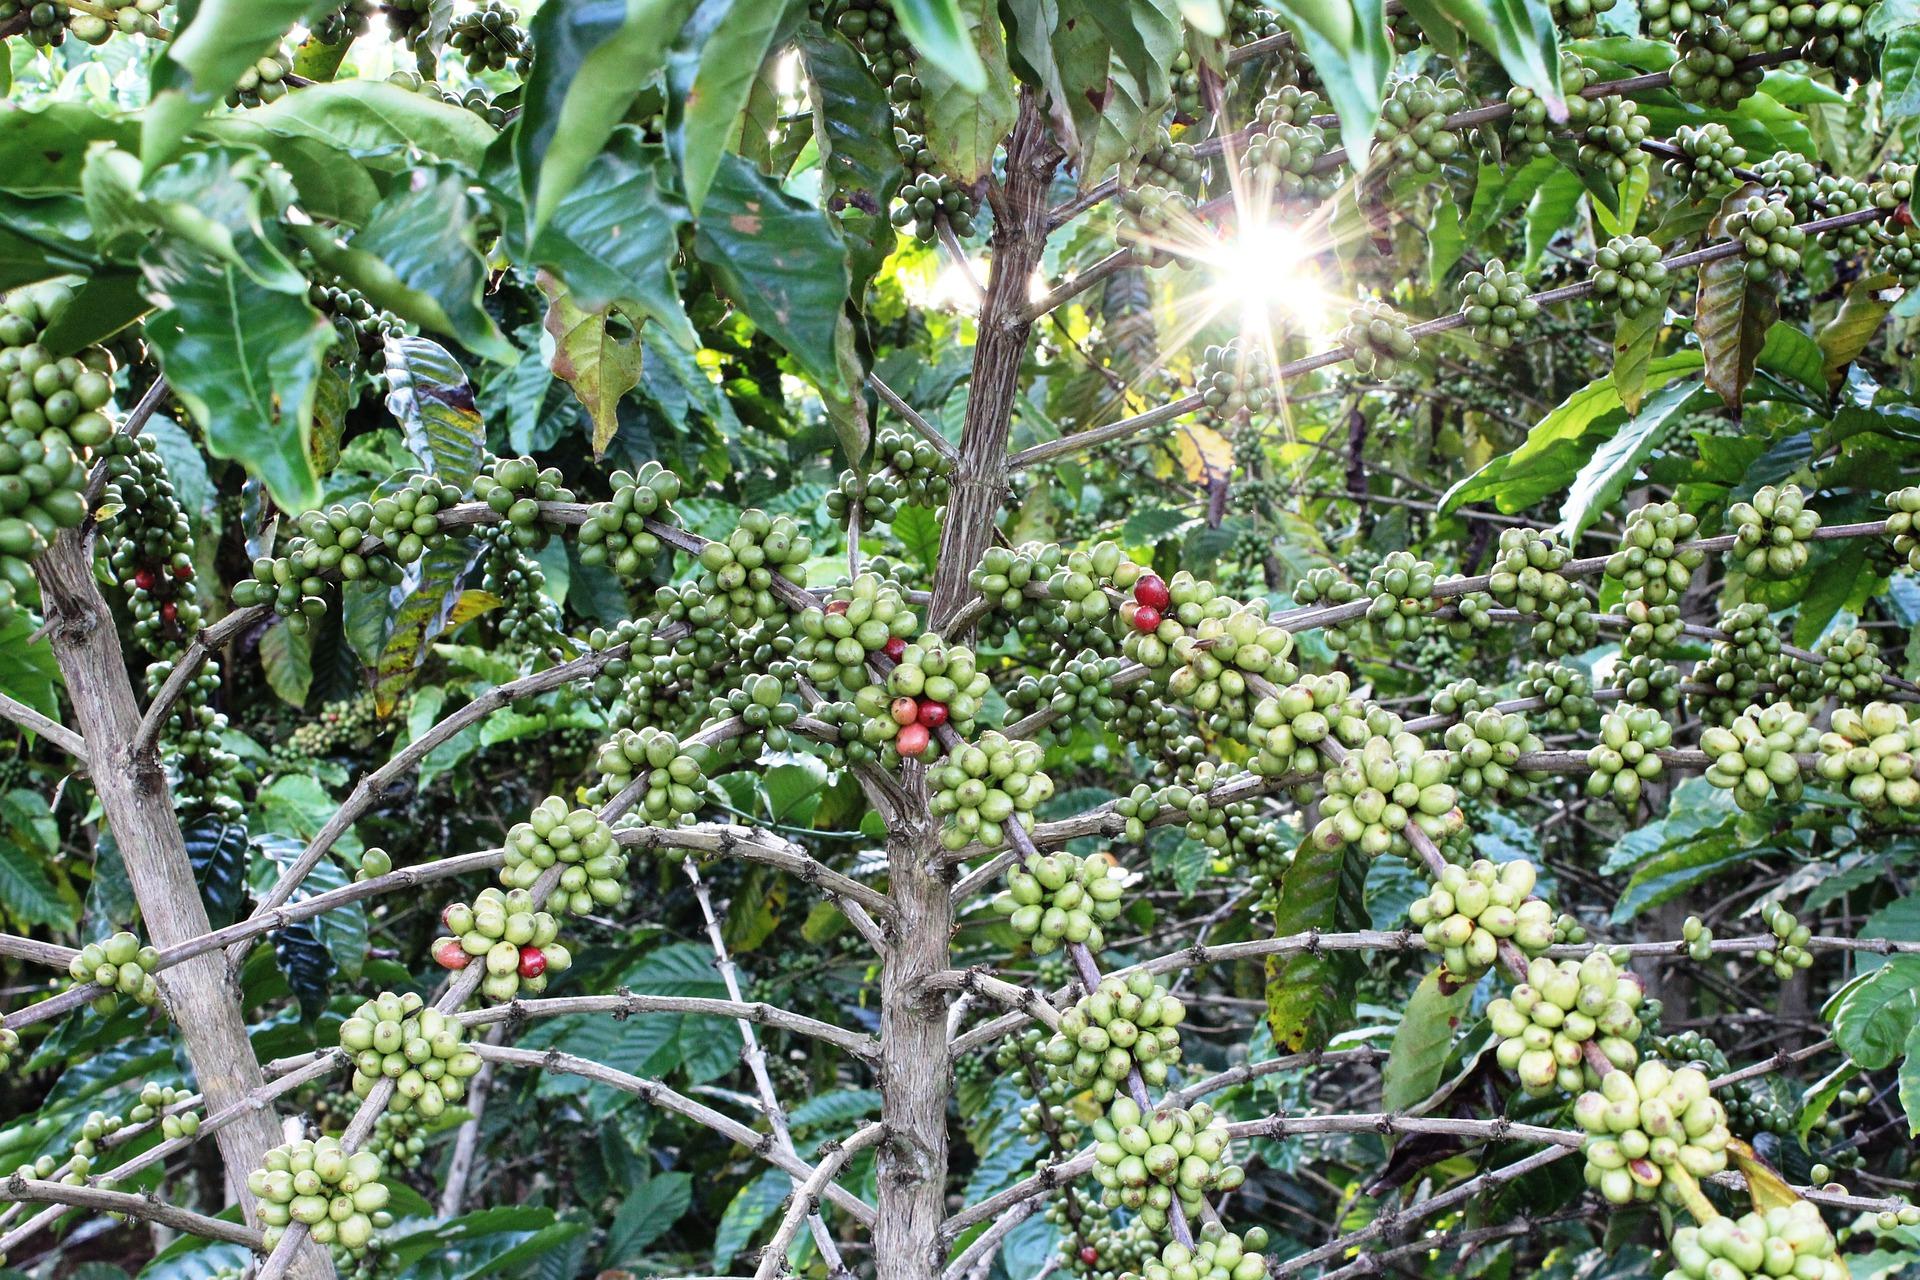 Turistas: En el sur del Tolima Invierten $2.300 millones en l café especial